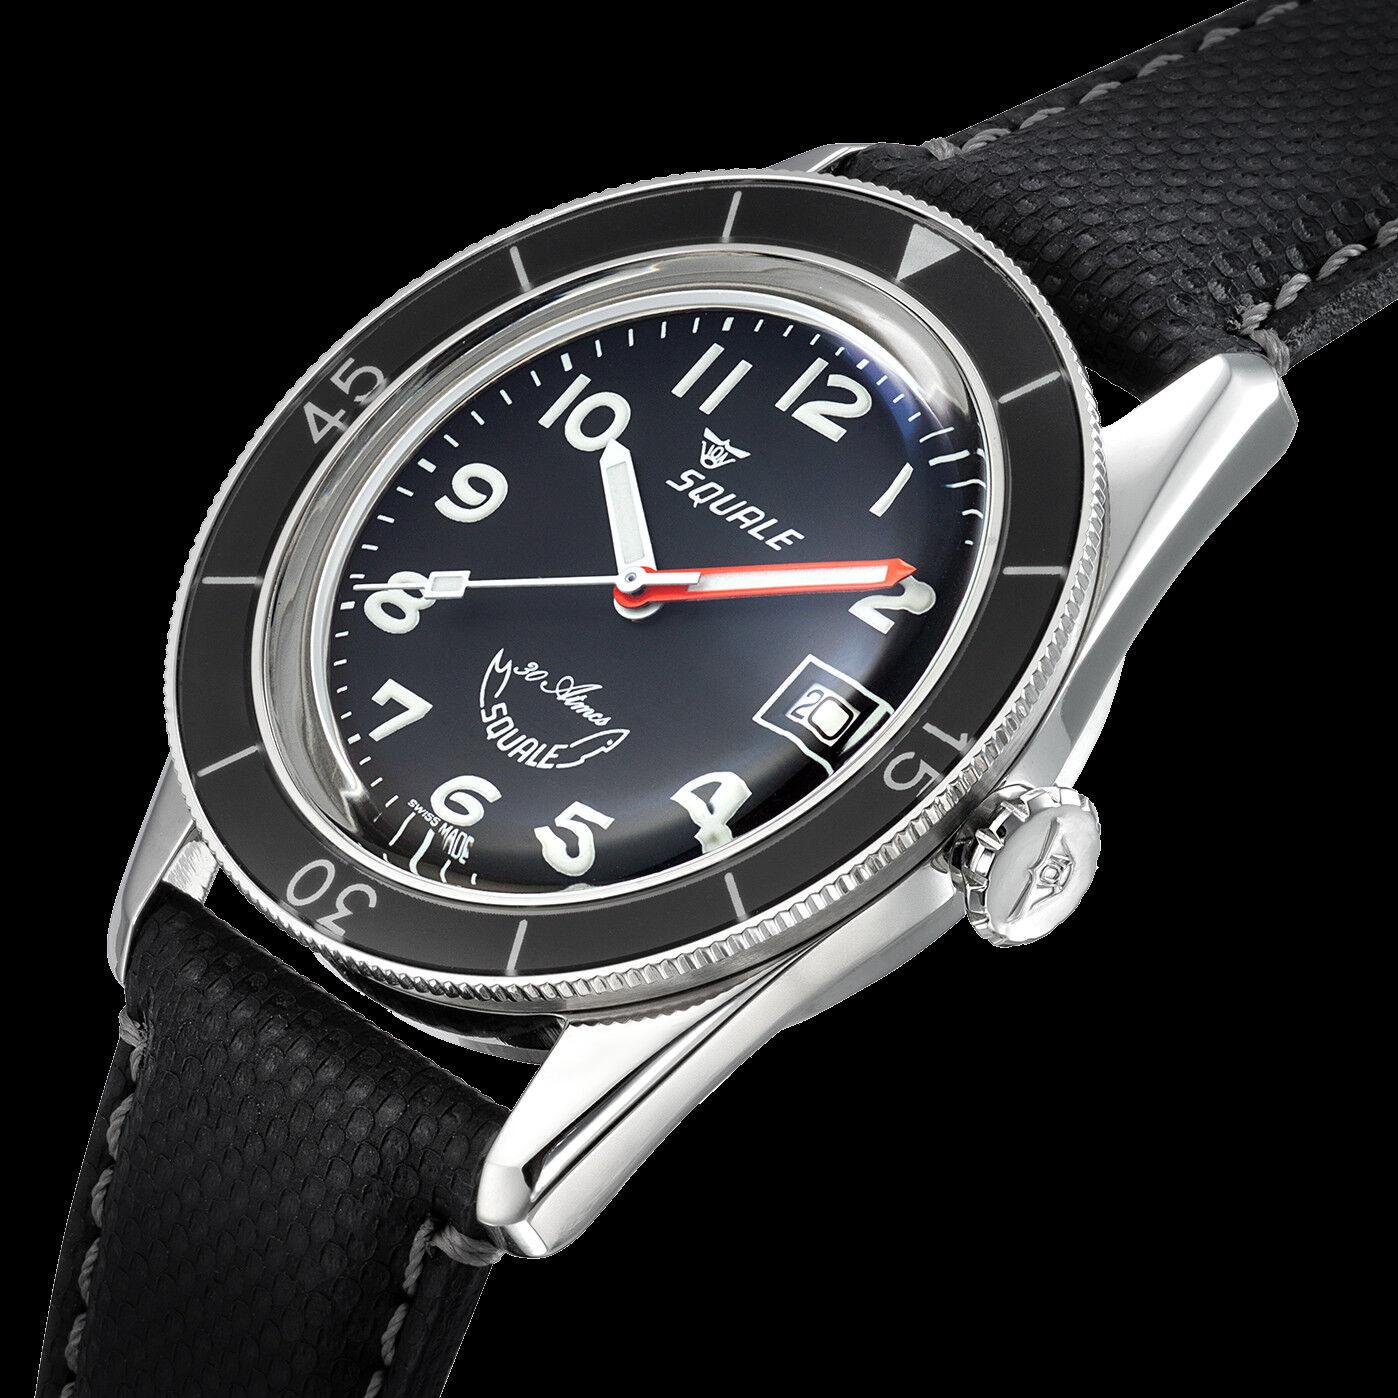 Sub-39 MON Dive Watch